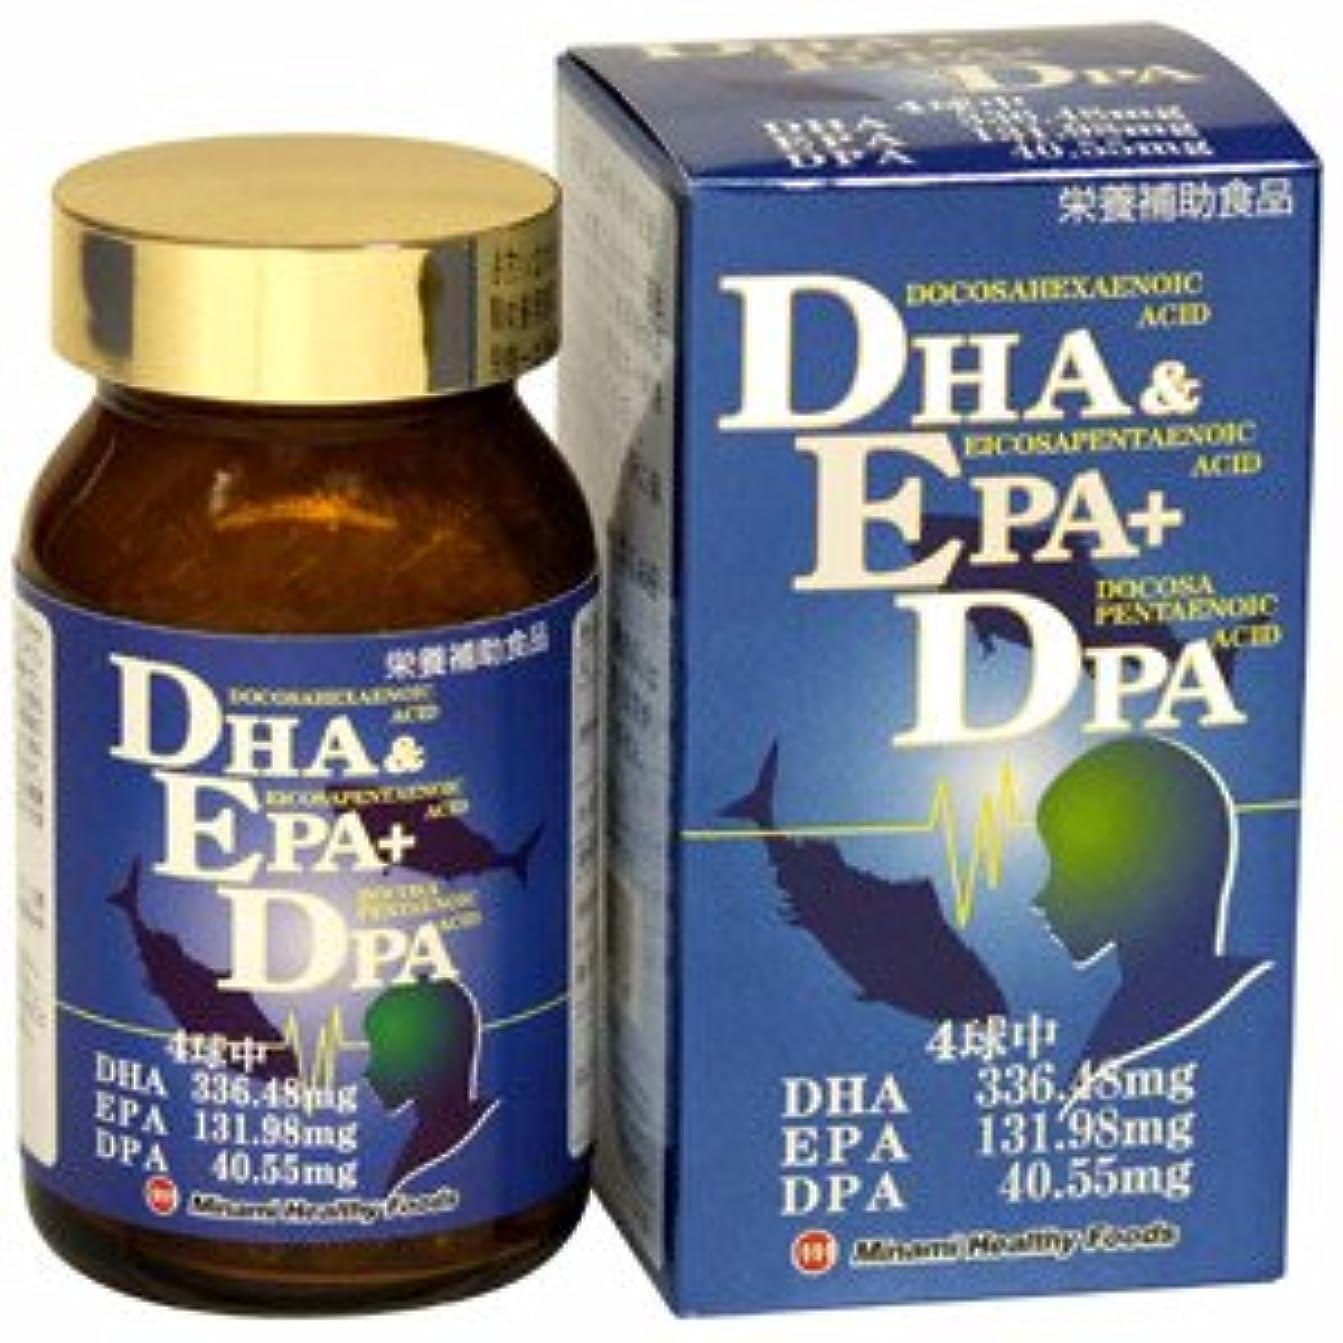 舗装収縮社会学DHA&EPA+DPA(単品)ミナミヘルシーフーズ